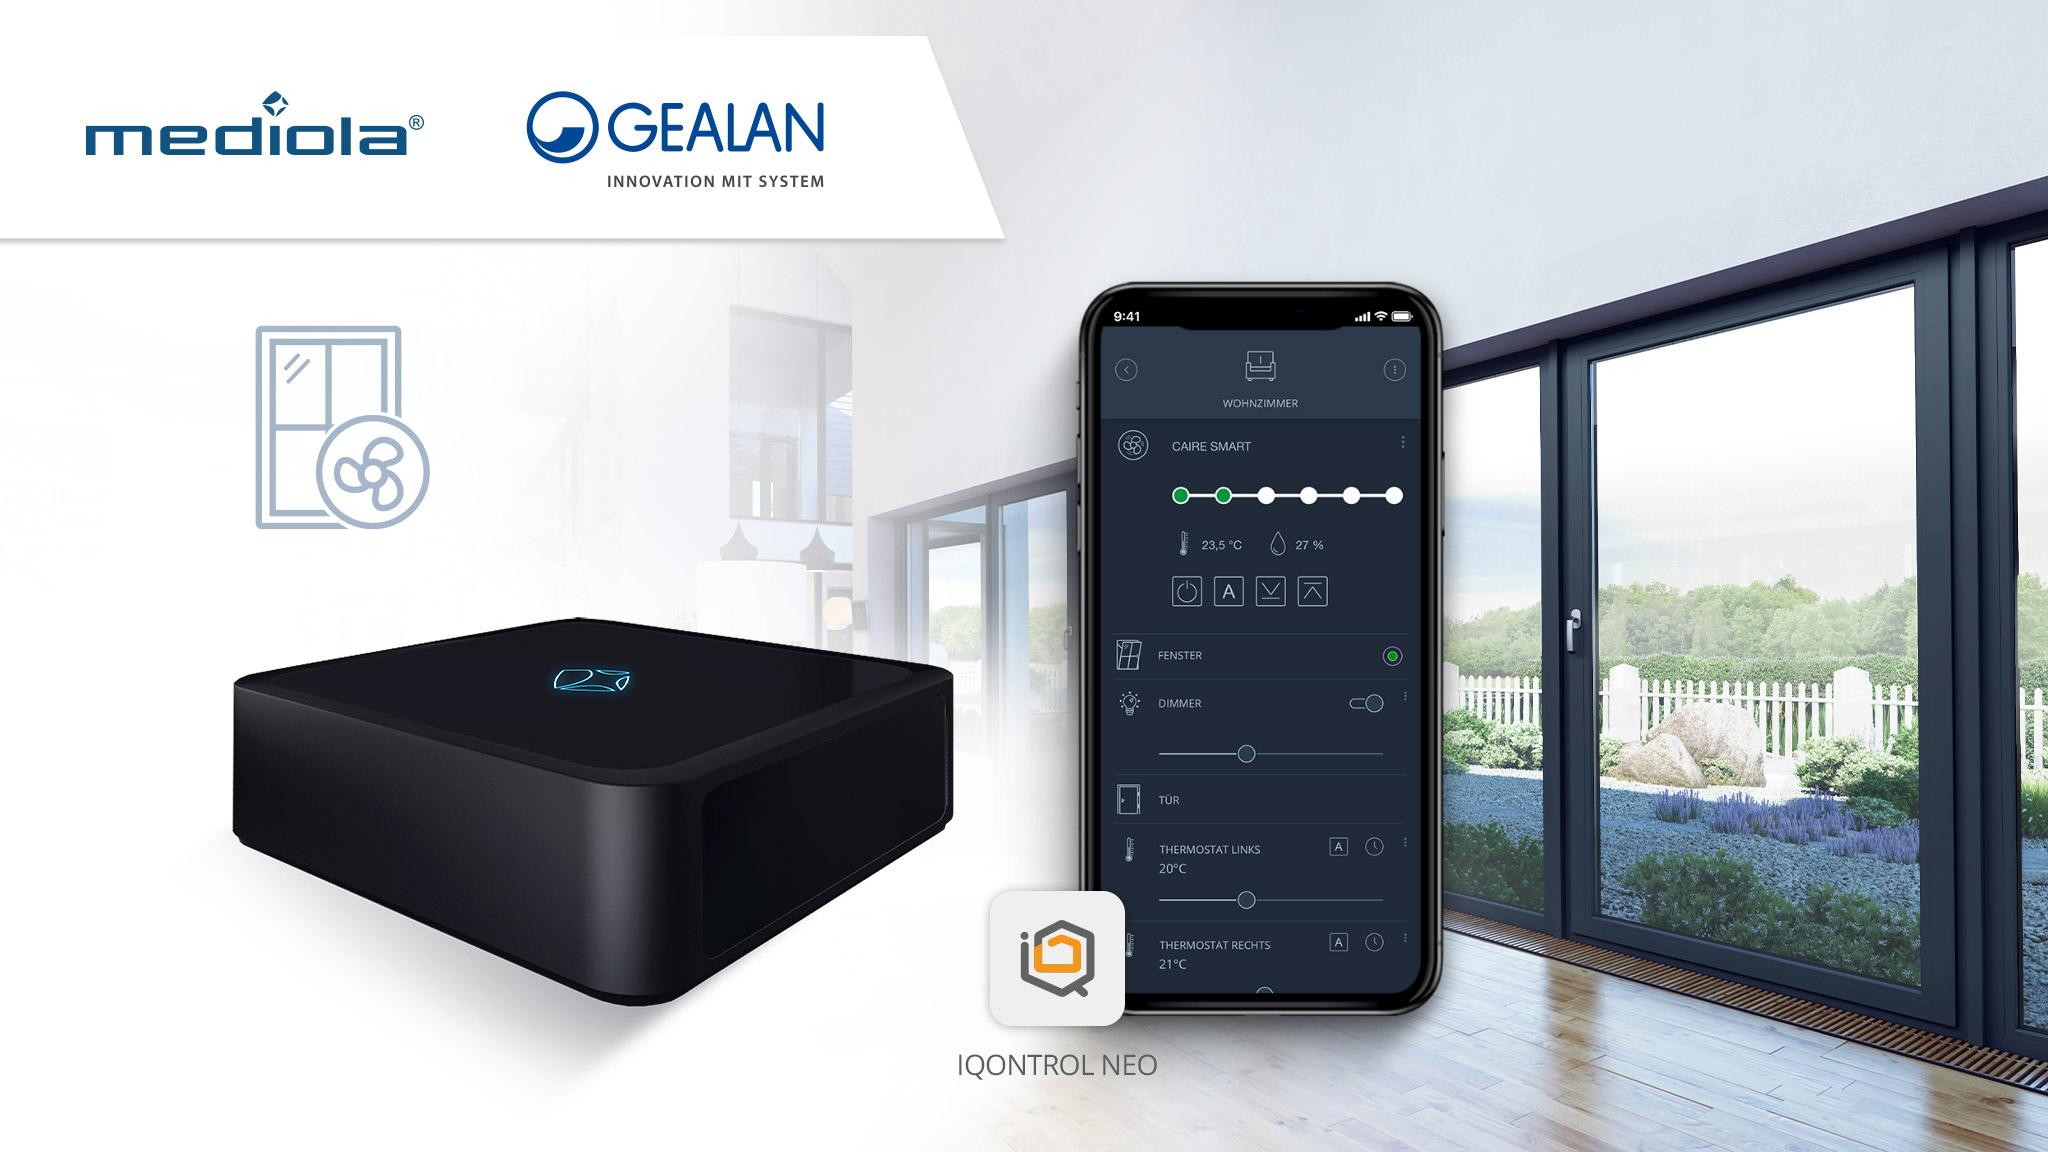 Pressemitteilung Gealan und mediola Smart home mit AIO Gateway und IQONTROL NEO